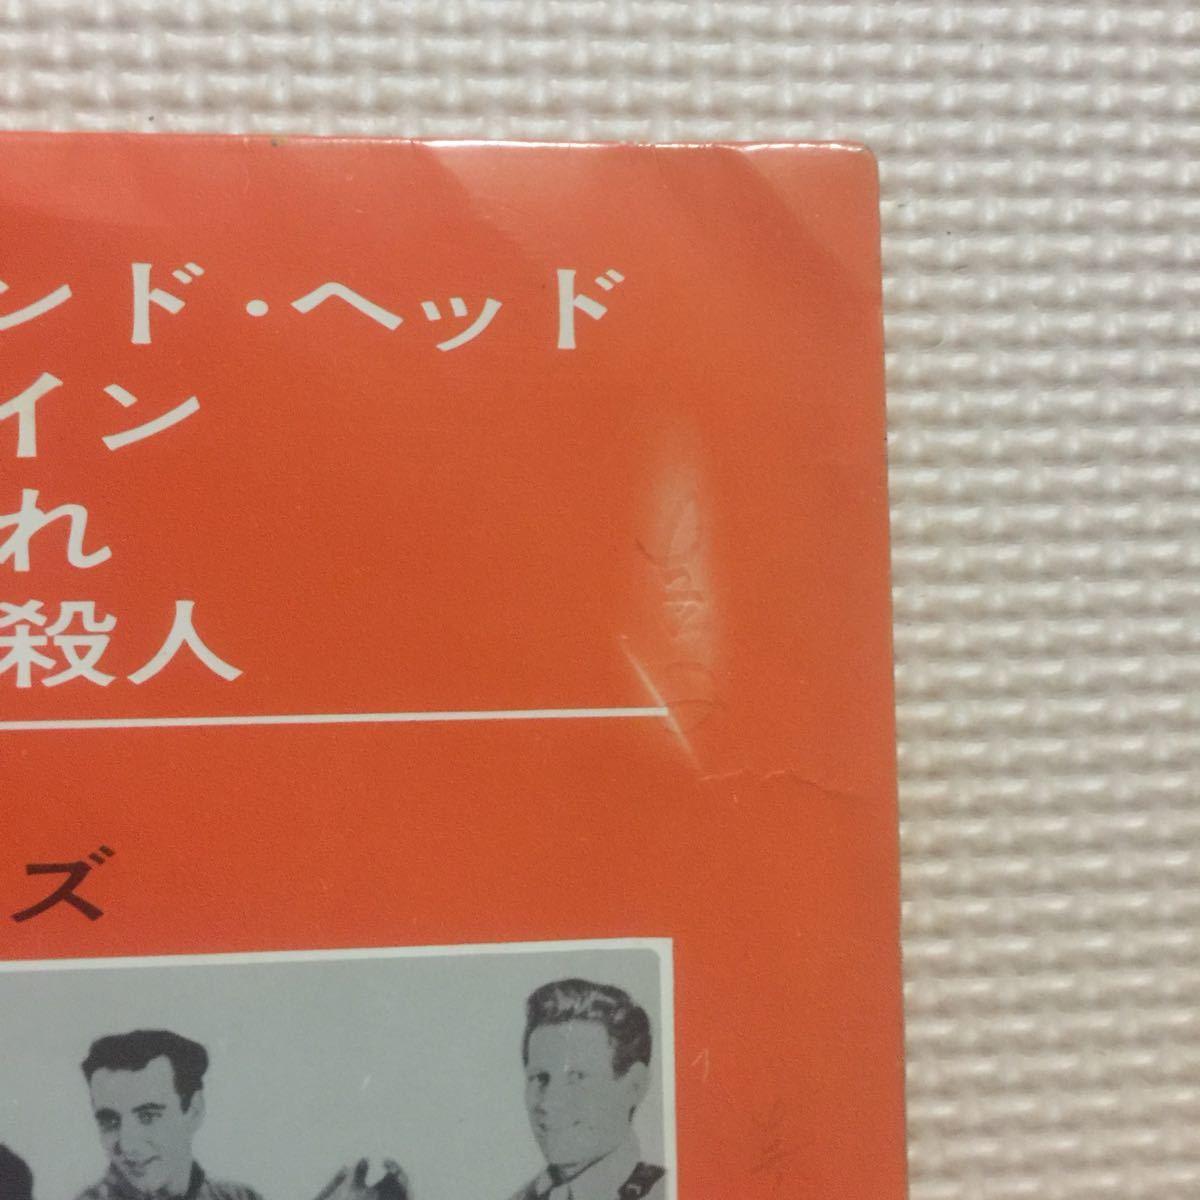 ザ ・ベンチャーズ ダイアモンド・ヘッド 4曲入りEP 国内盤7インチレコード【赤盤】